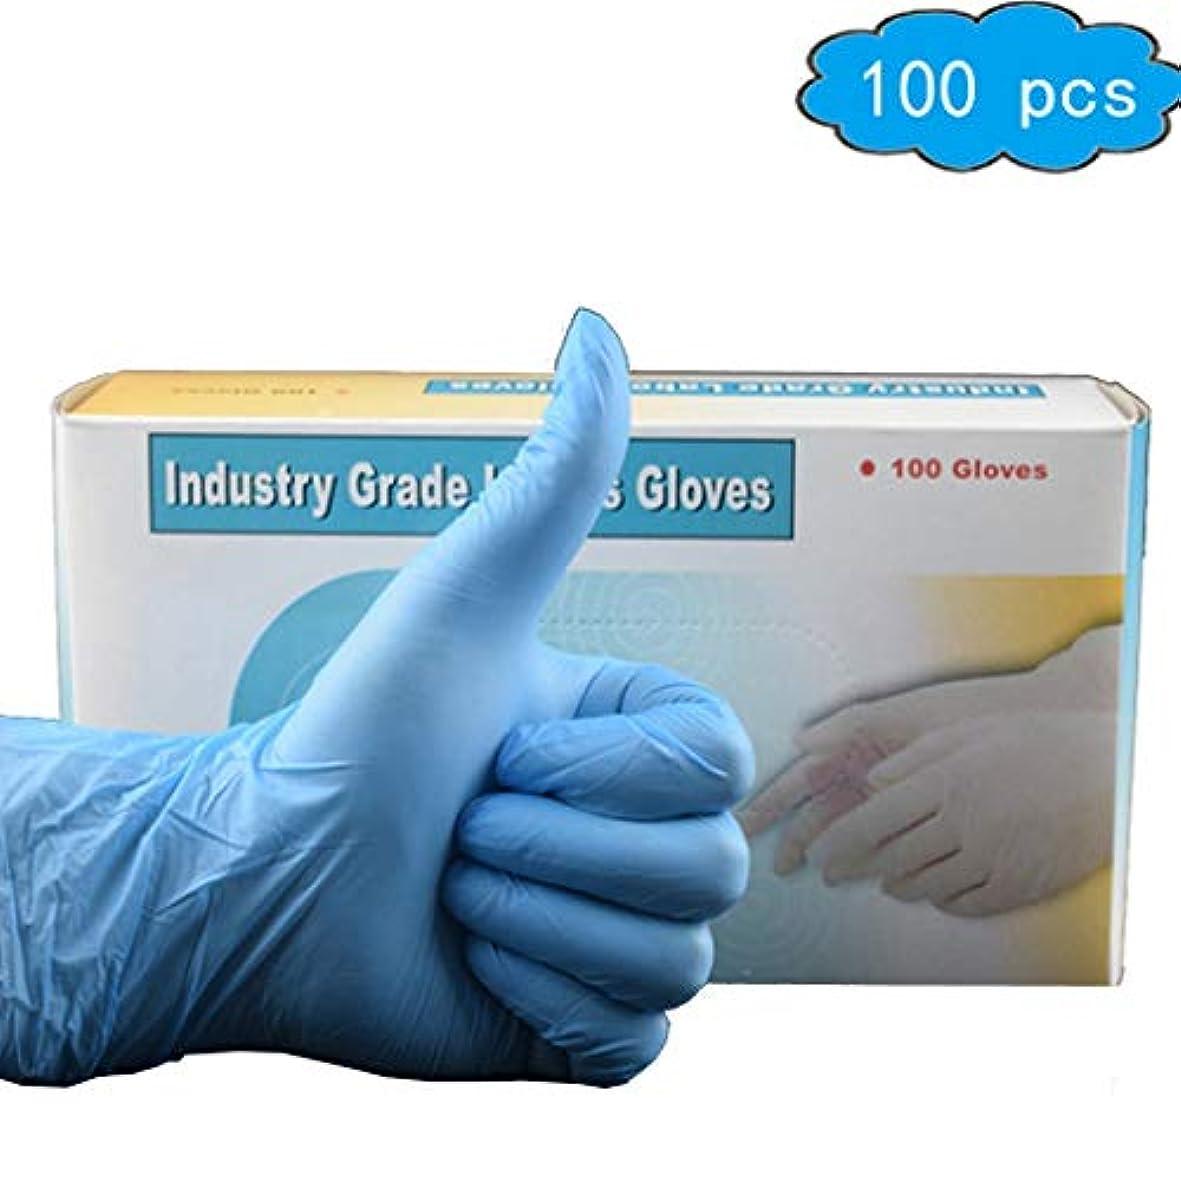 フォーム海里置換使い捨て手袋、子供用使い捨て手袋、子供用ニトリル手袋 - 粉末なし、ラテックスなし、無臭、食品等級、アレルギー、質感のある指 - 100PCSブルー (Color : Blue, Size : L)